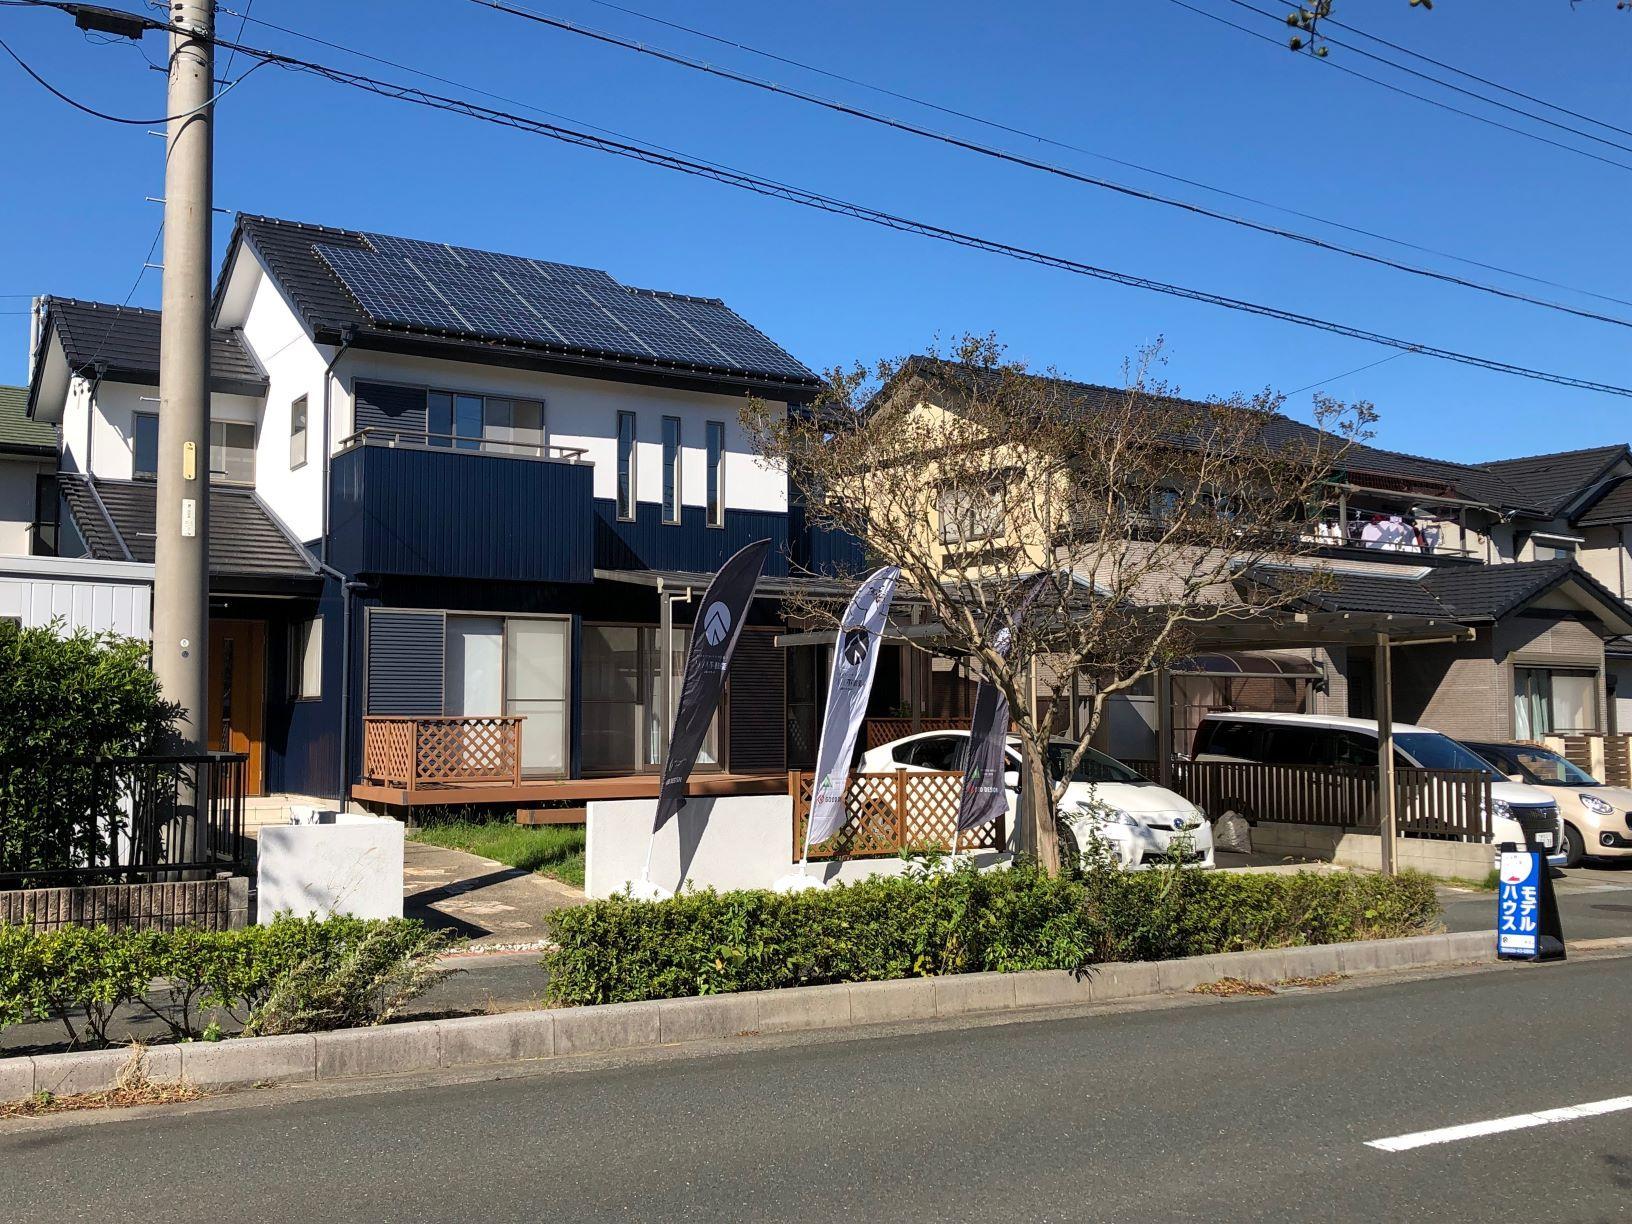 杉山町いずみが丘【モデルオープンハウス】リノベーション